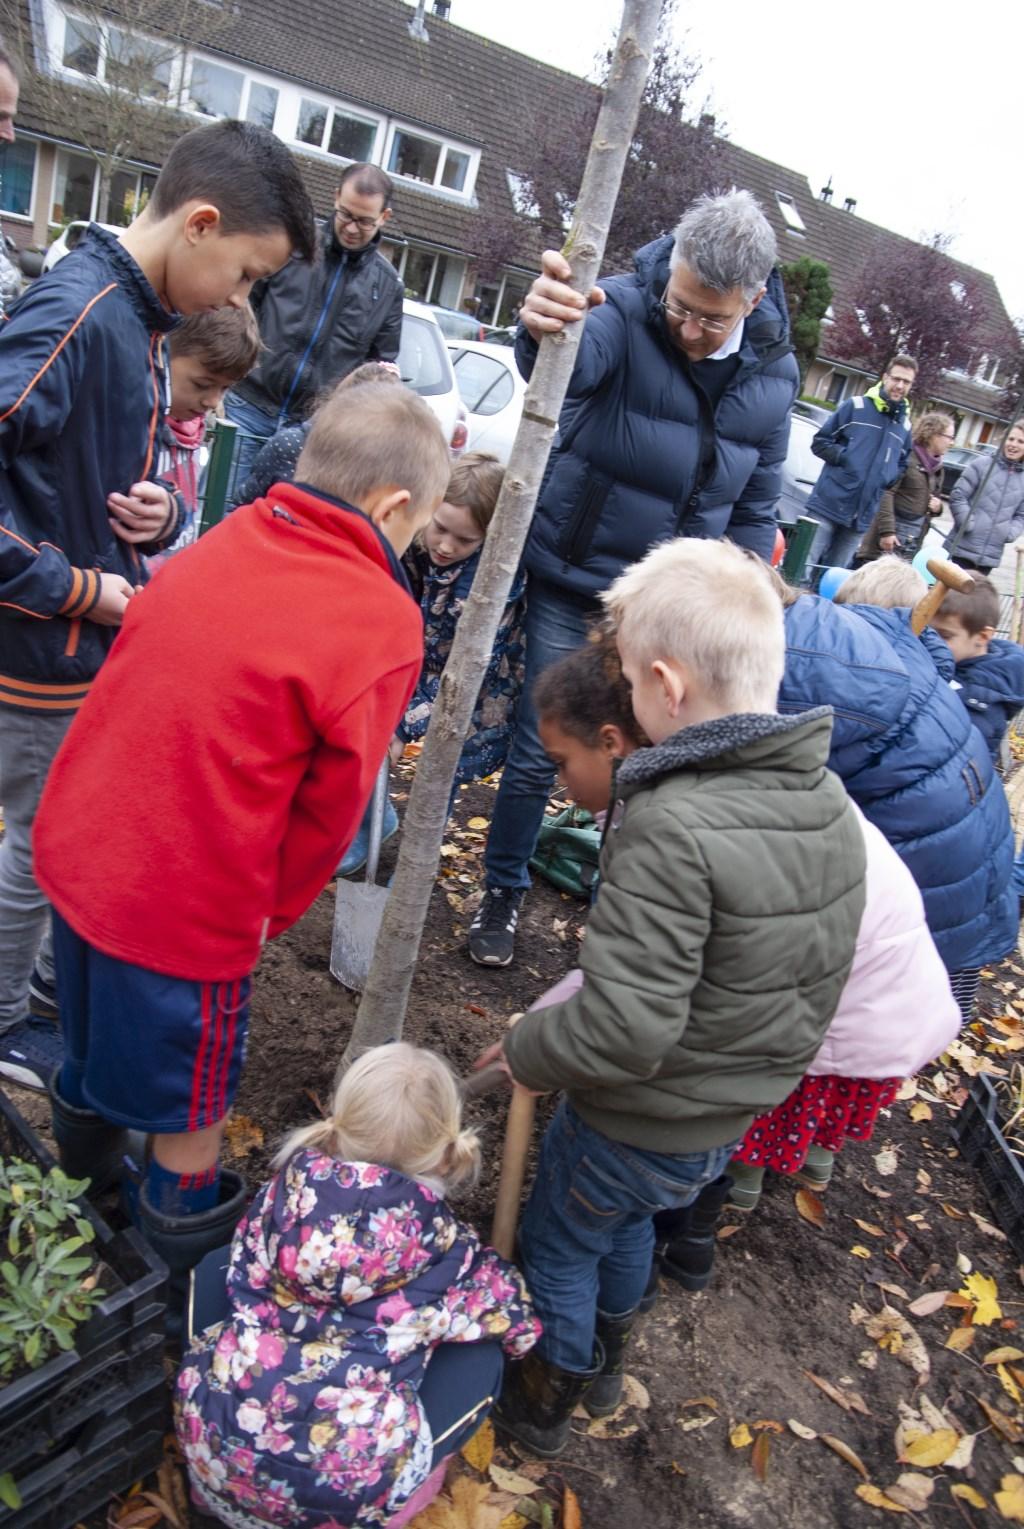 Wethouder Meijer plant samen met buurtkinderen de eerste boom. Foto: M.Brouwer © Persgroep